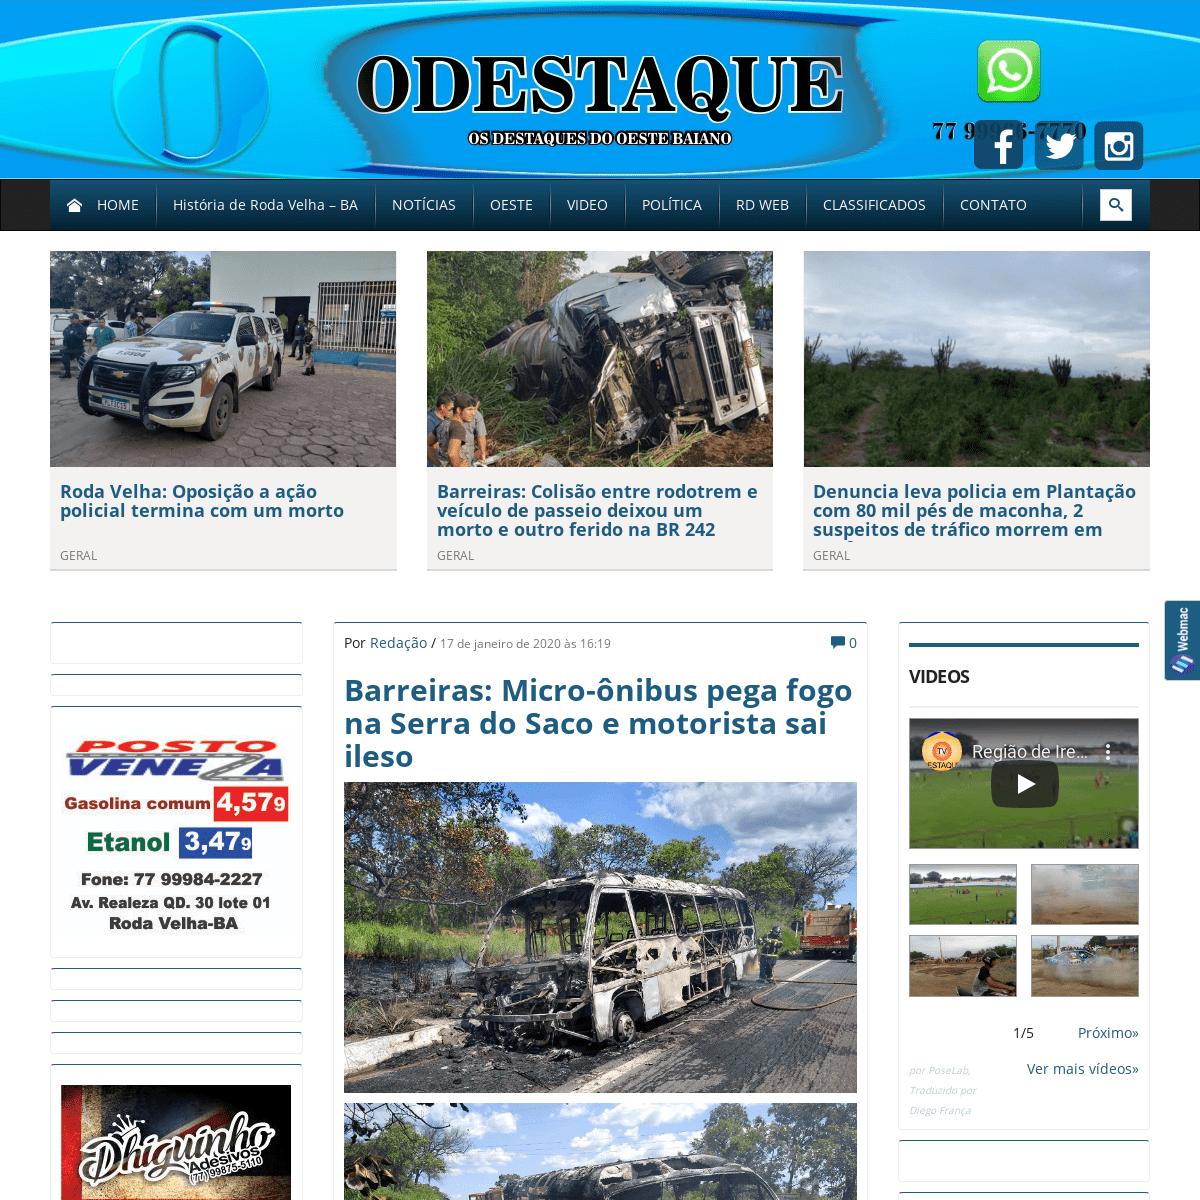 O Destak - Notícias da Região